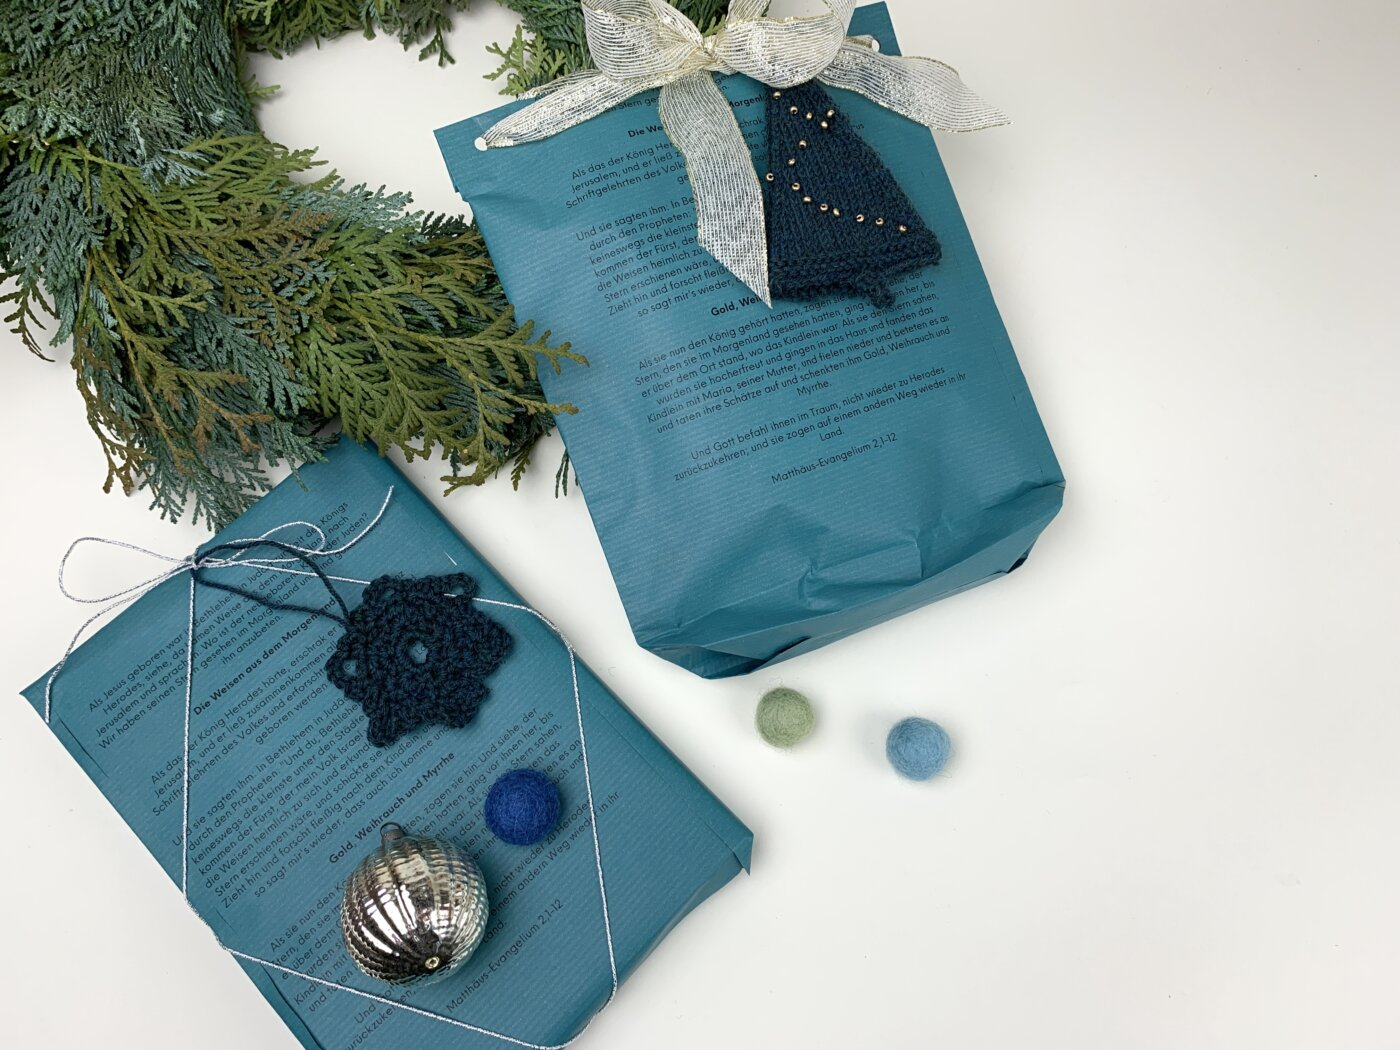 Buch und Socken einzeln als Geschenke verpacken